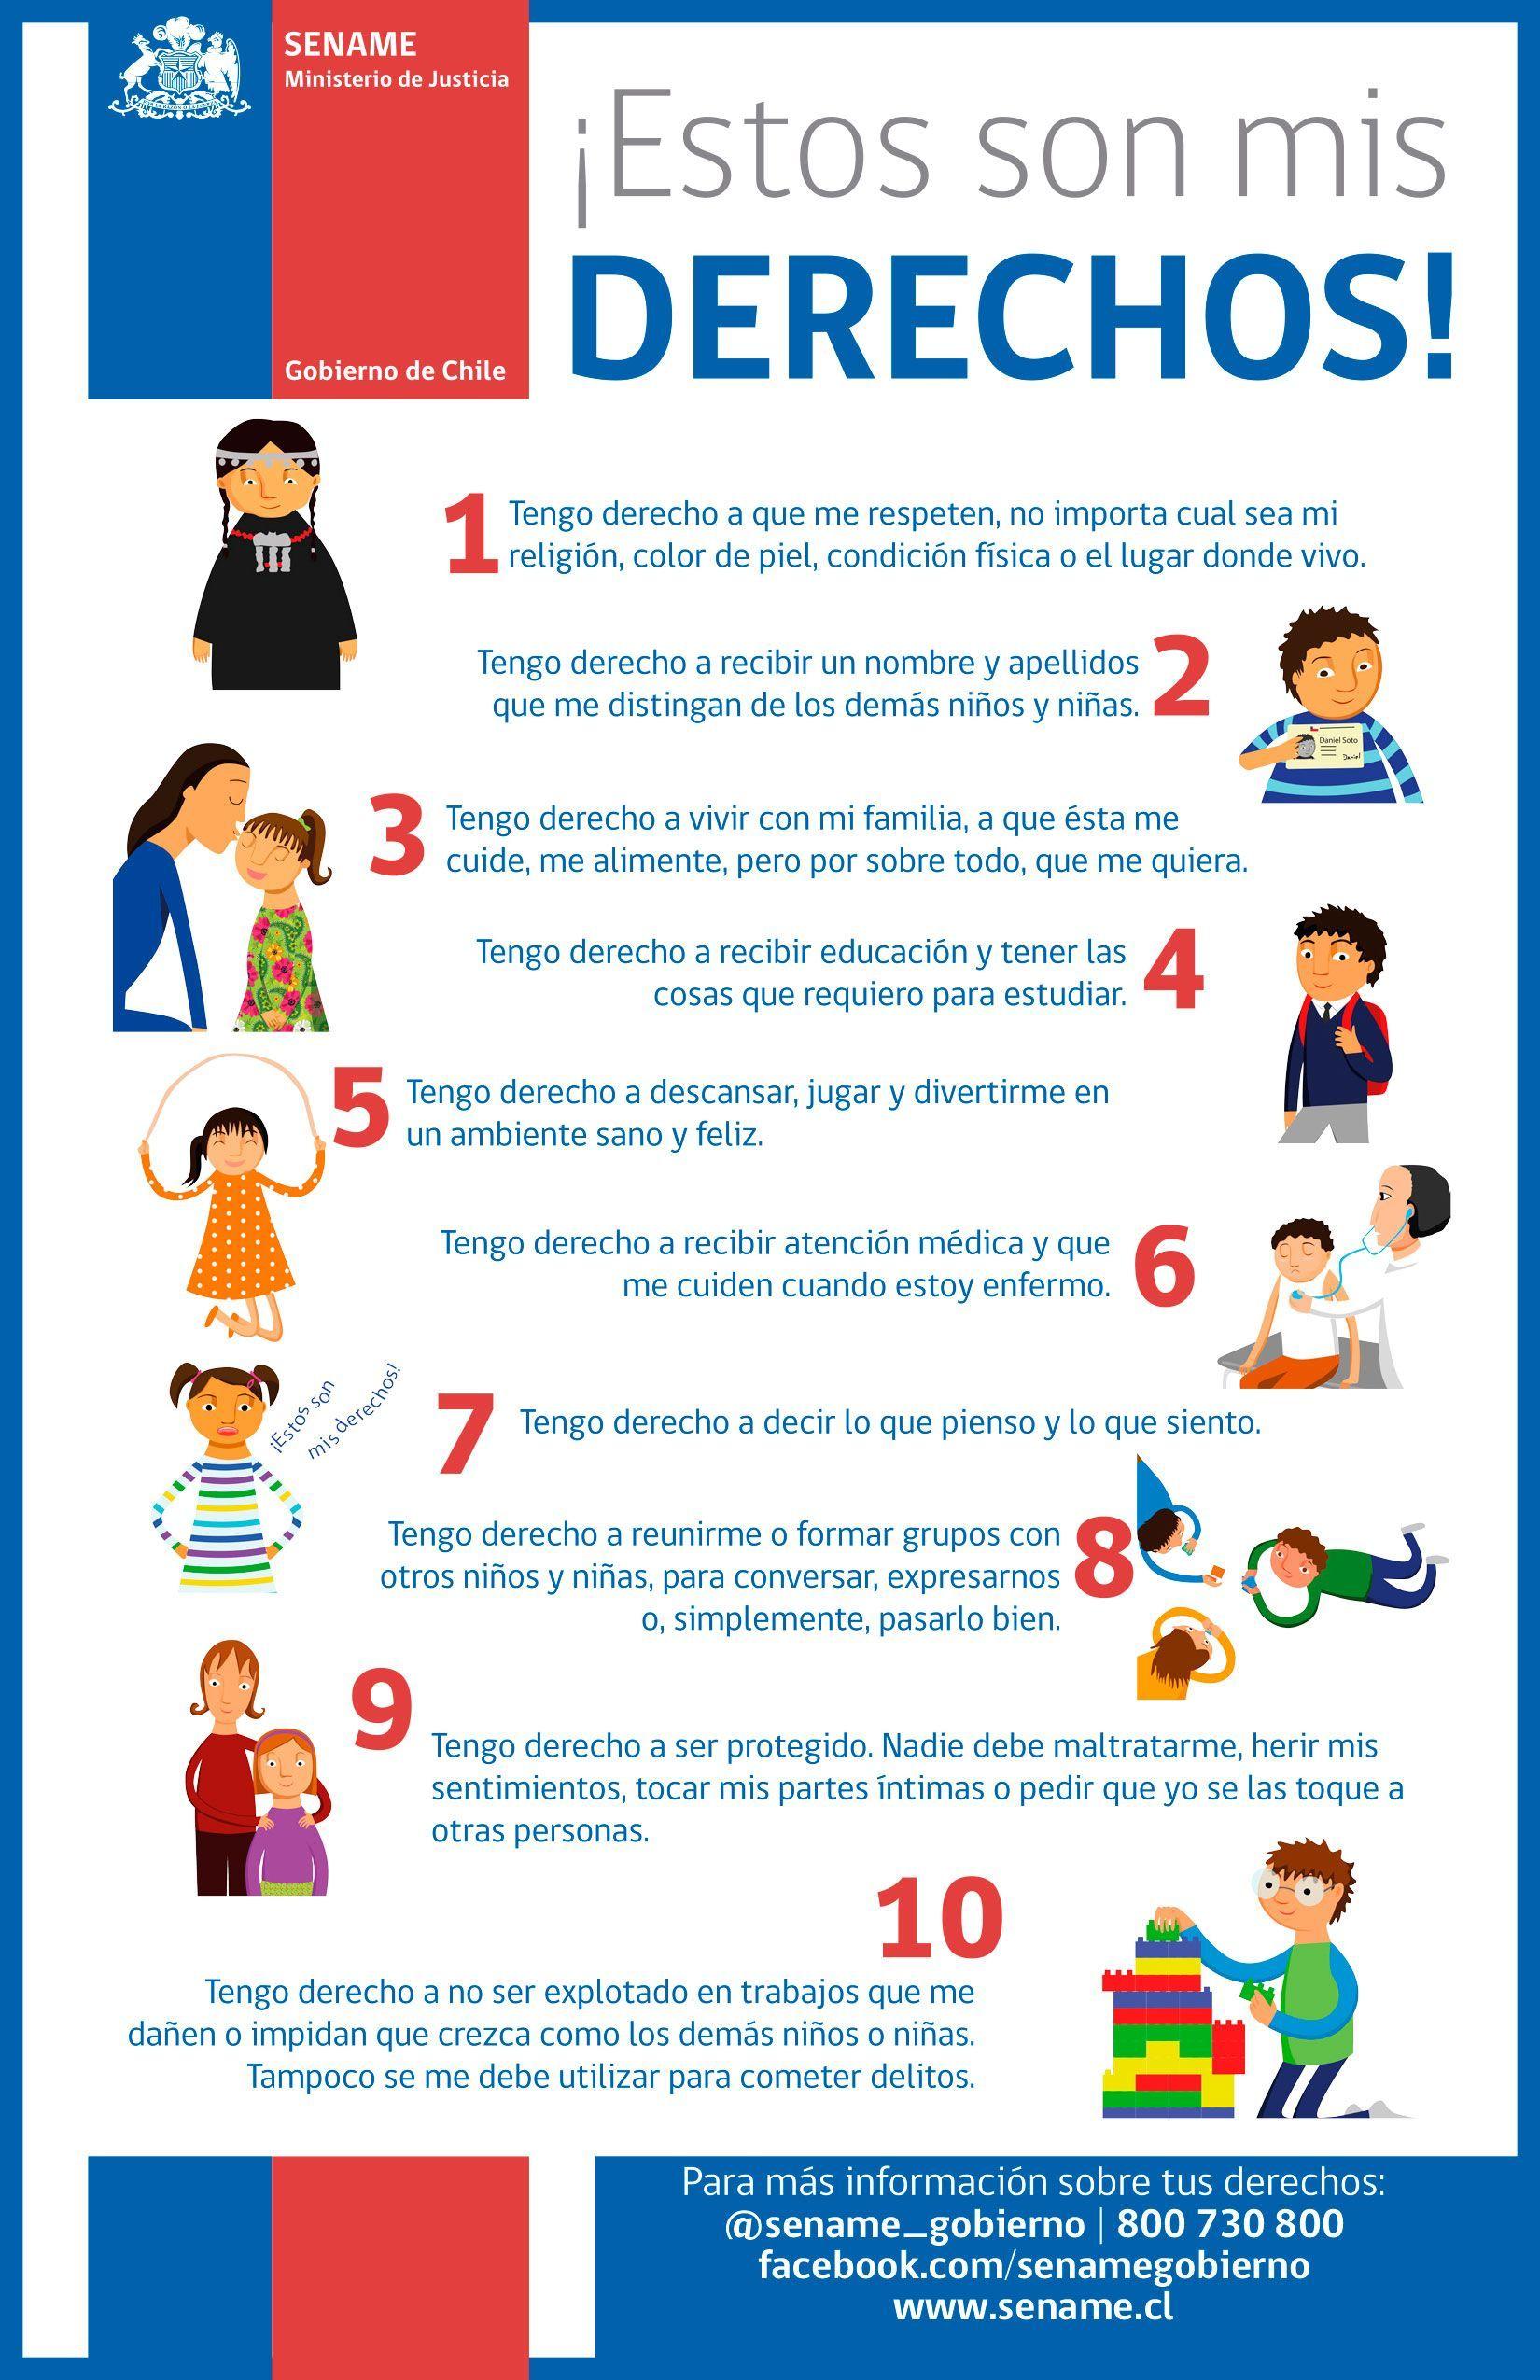 Resultado De Imagen Para Afiche Derecho De Los Ninos En Chile Derechos De Los Ninos Imagenes De Los Derechos Derechos Humanos Para Ninos